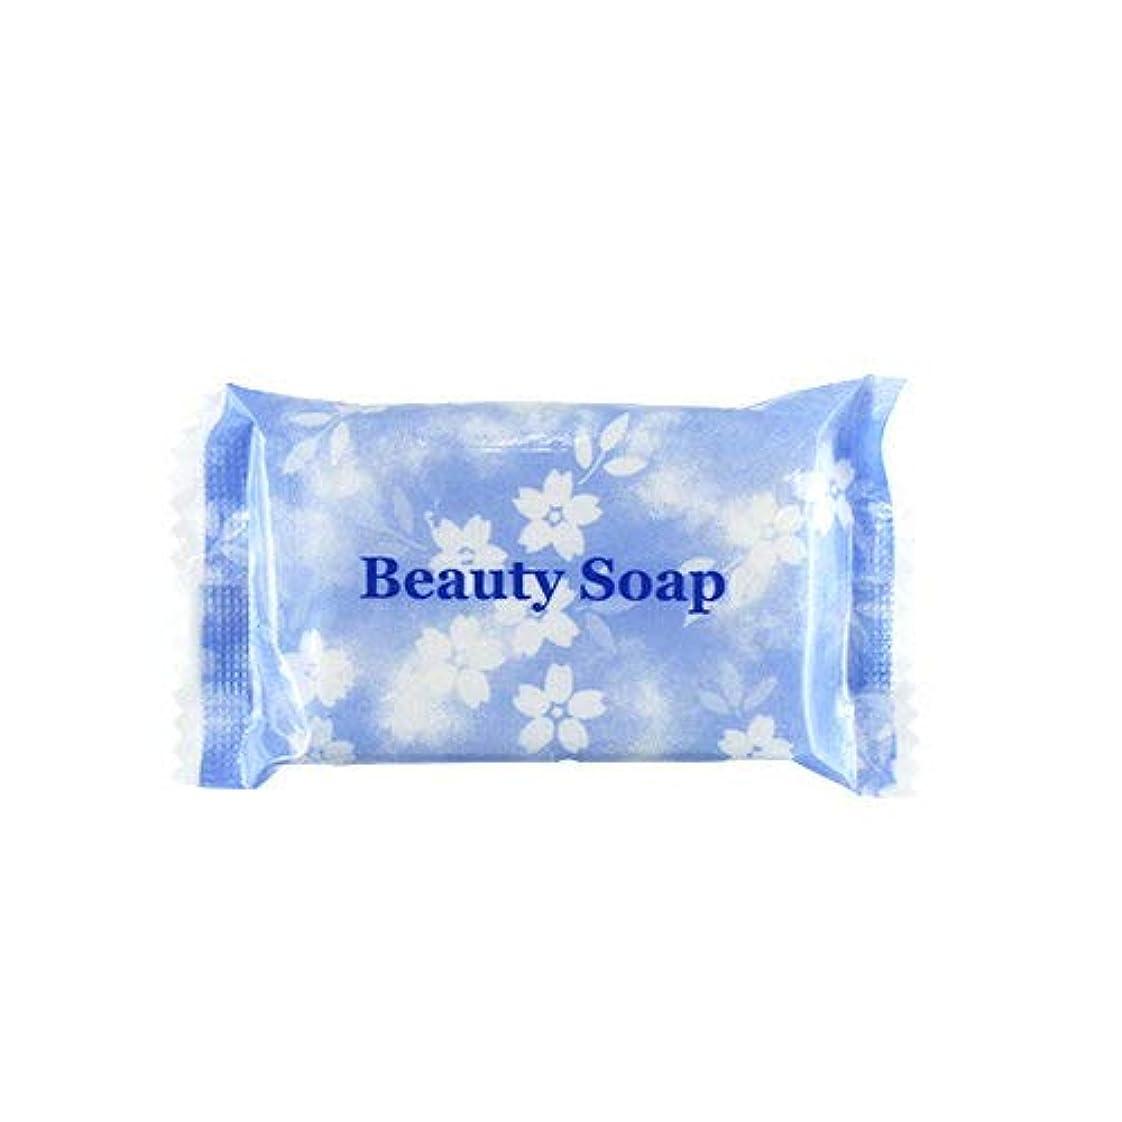 無避難インタビュー業務用 クロバーコーポレーション ビューティーソープ(Beauty Soap) 15g×20個セット | ホテルアメニティ 個包装